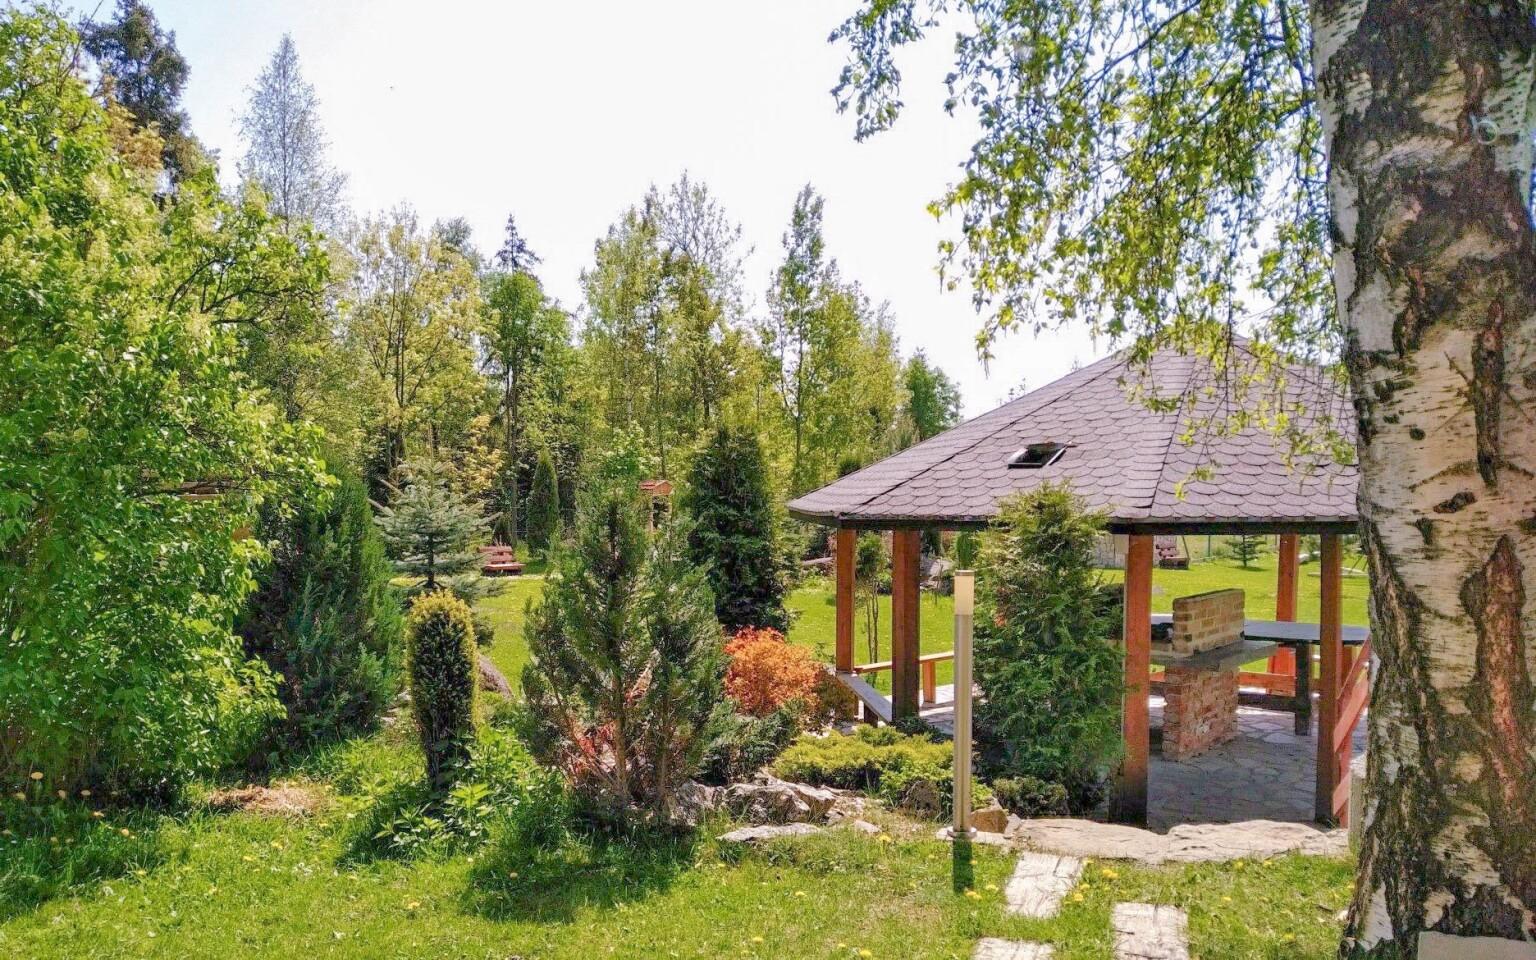 Záhrada s altánkom Penzión Monty Ranch, Vysoké Tatry